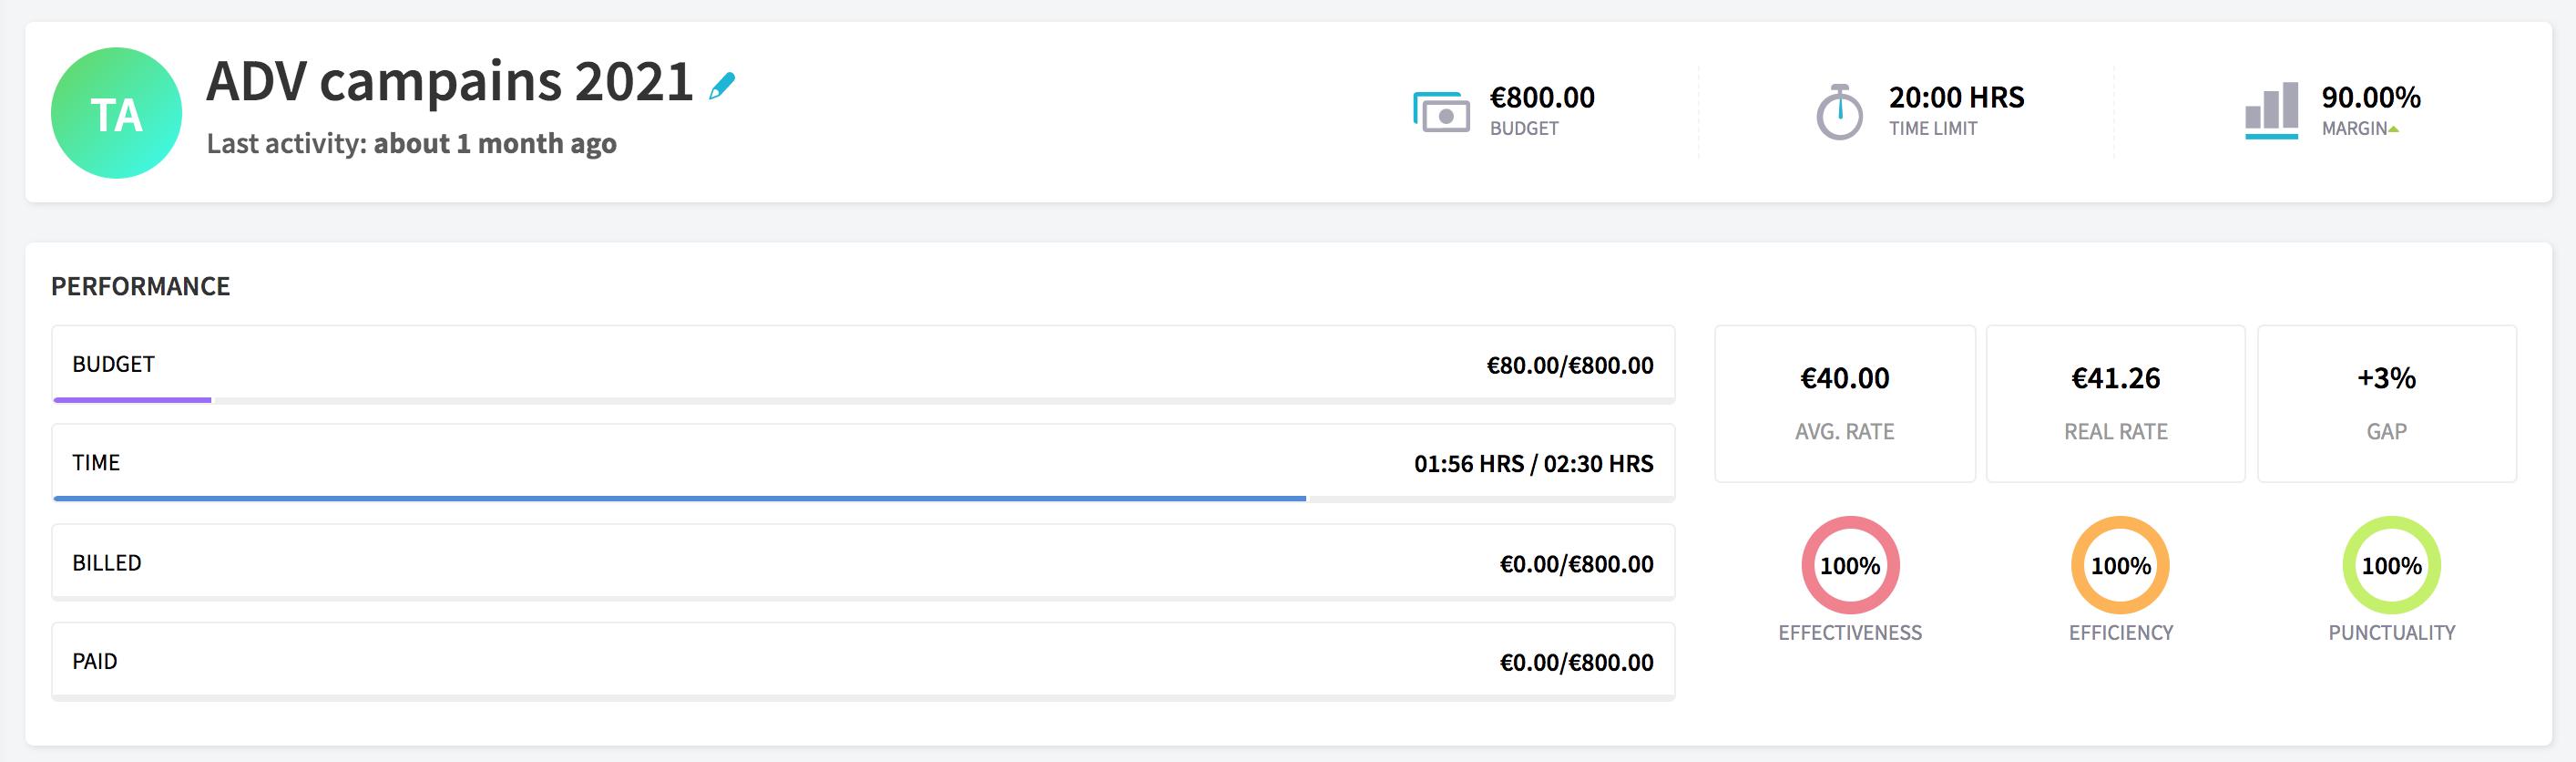 taskomat budget management software